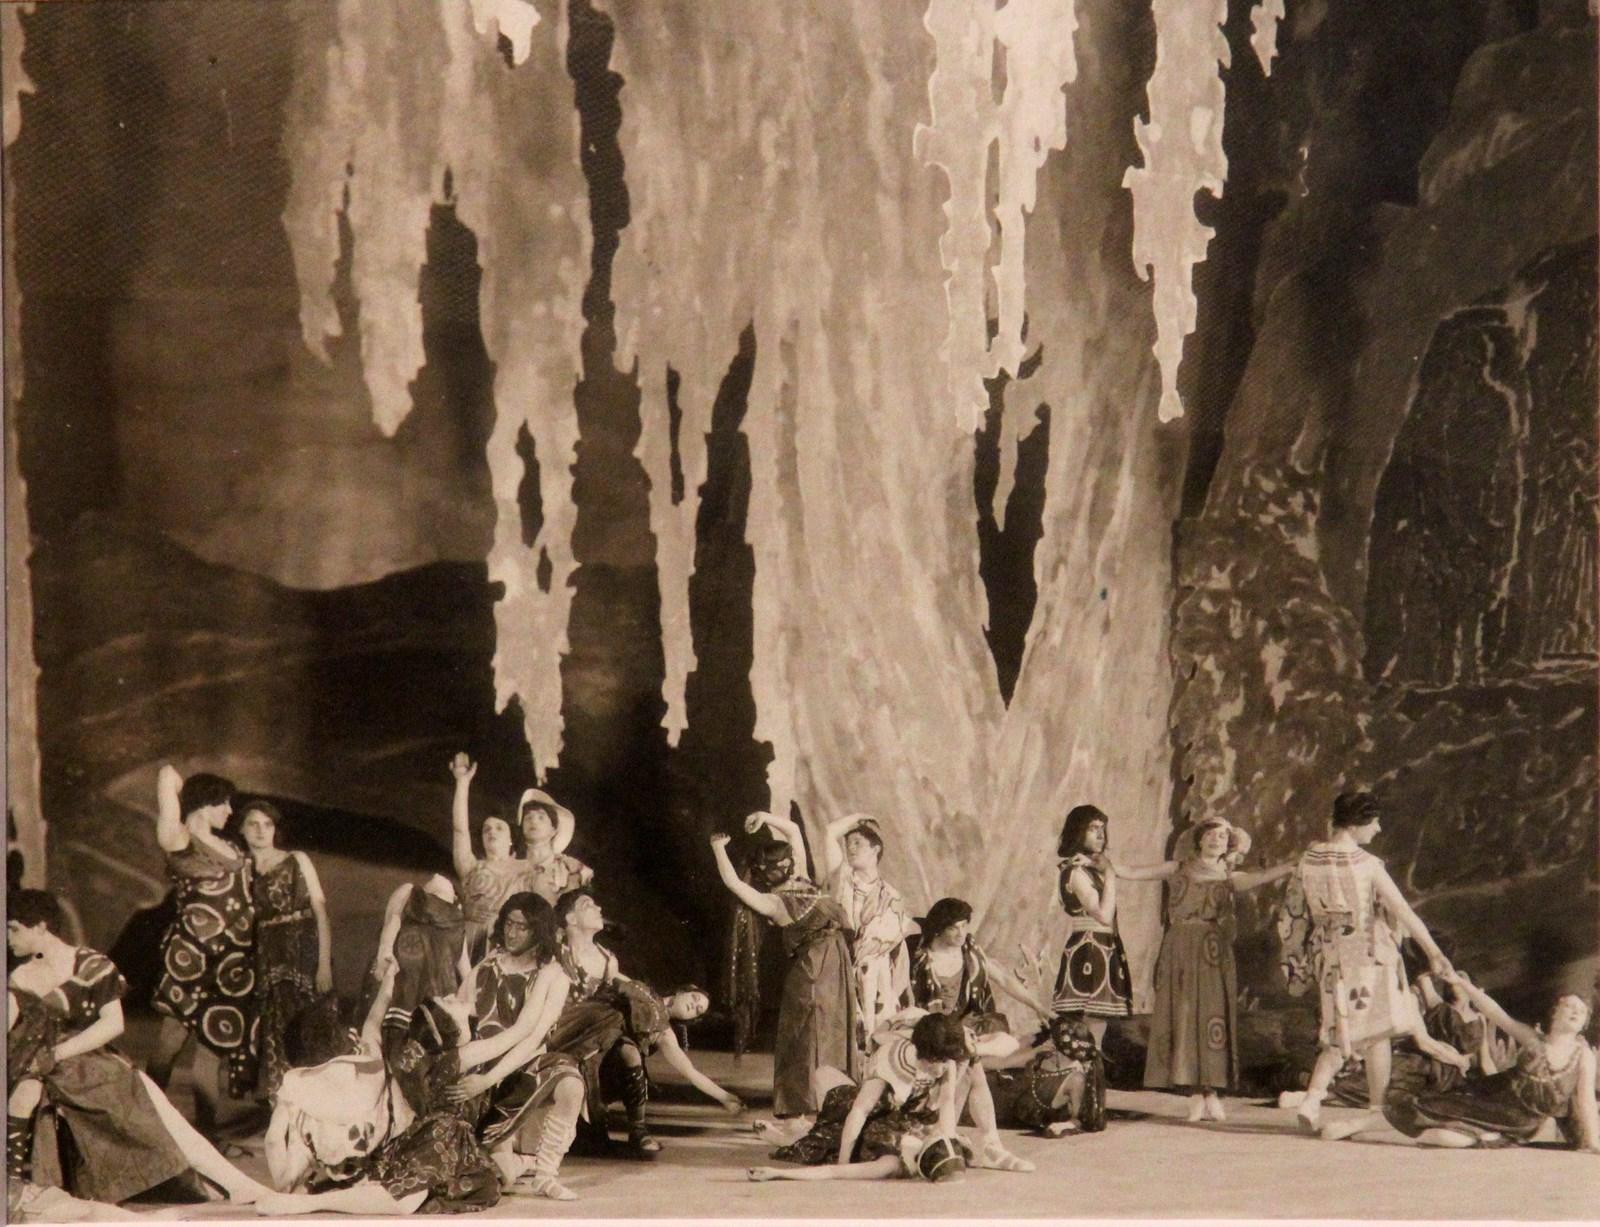 ����� �� ������ ��������. 1911 ����������, ���������� �����-����� �������� �������: aldusku.livejournal.com